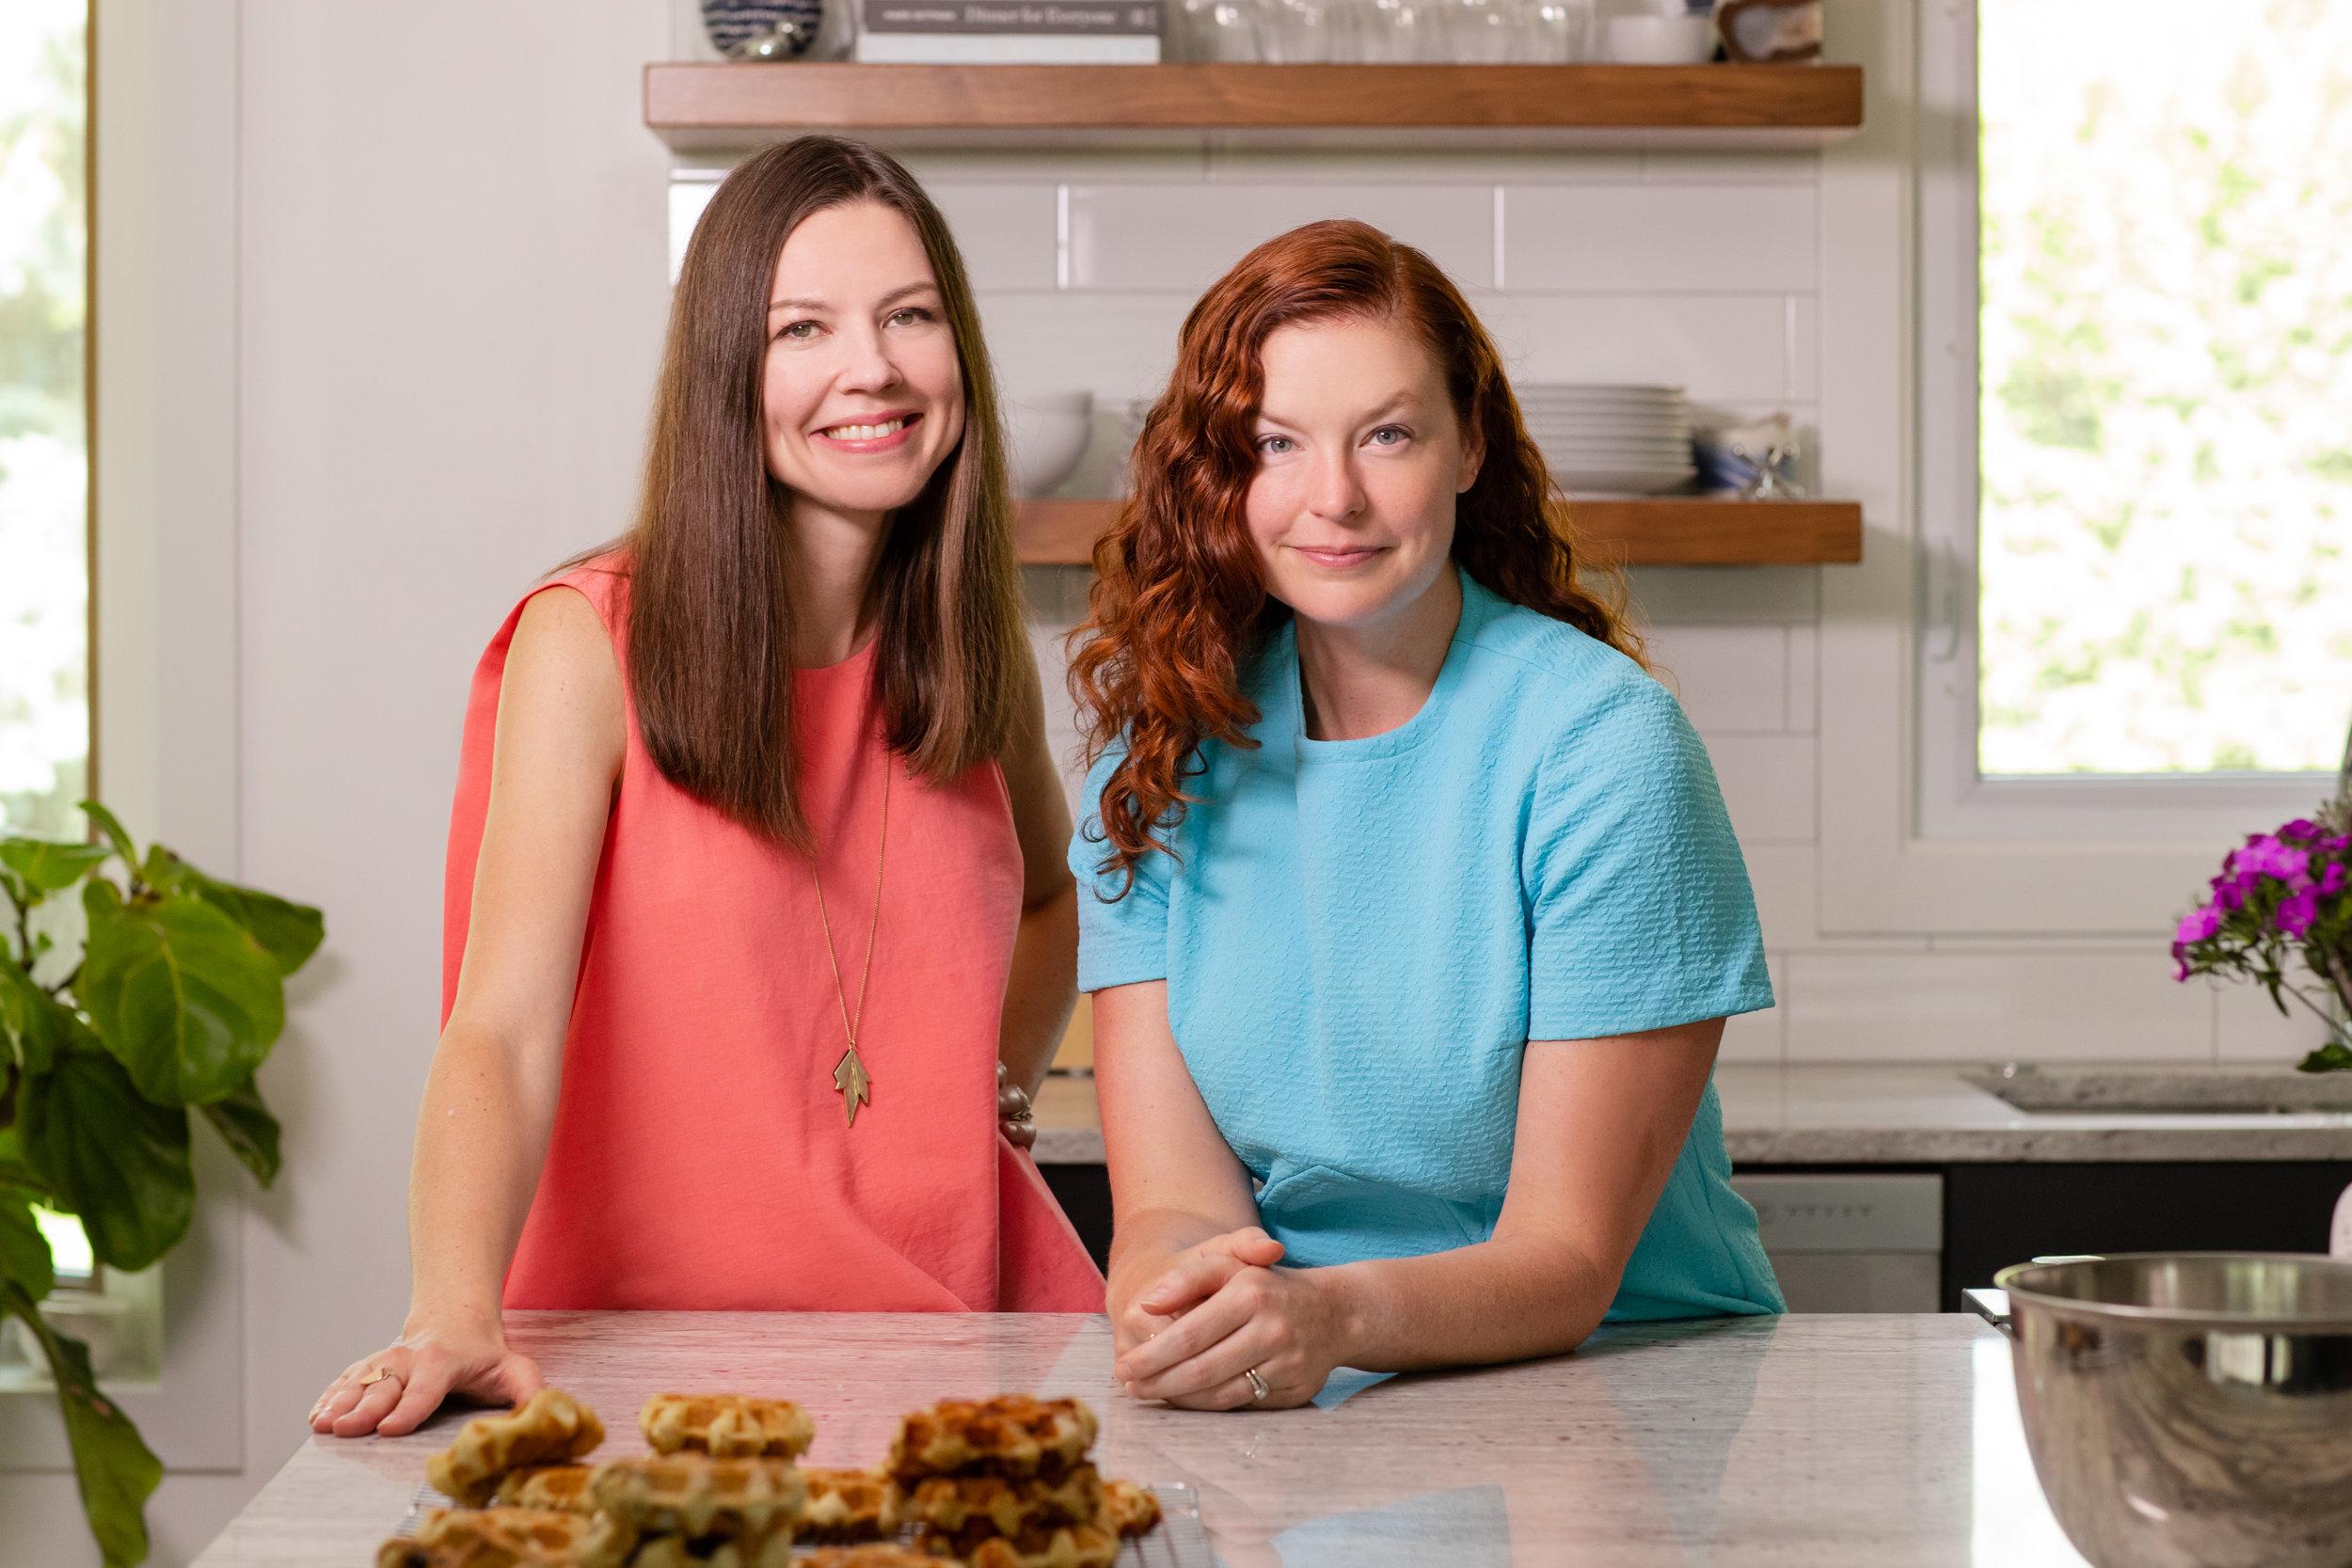 Amanda&Katie_Wallflour-6.jpg